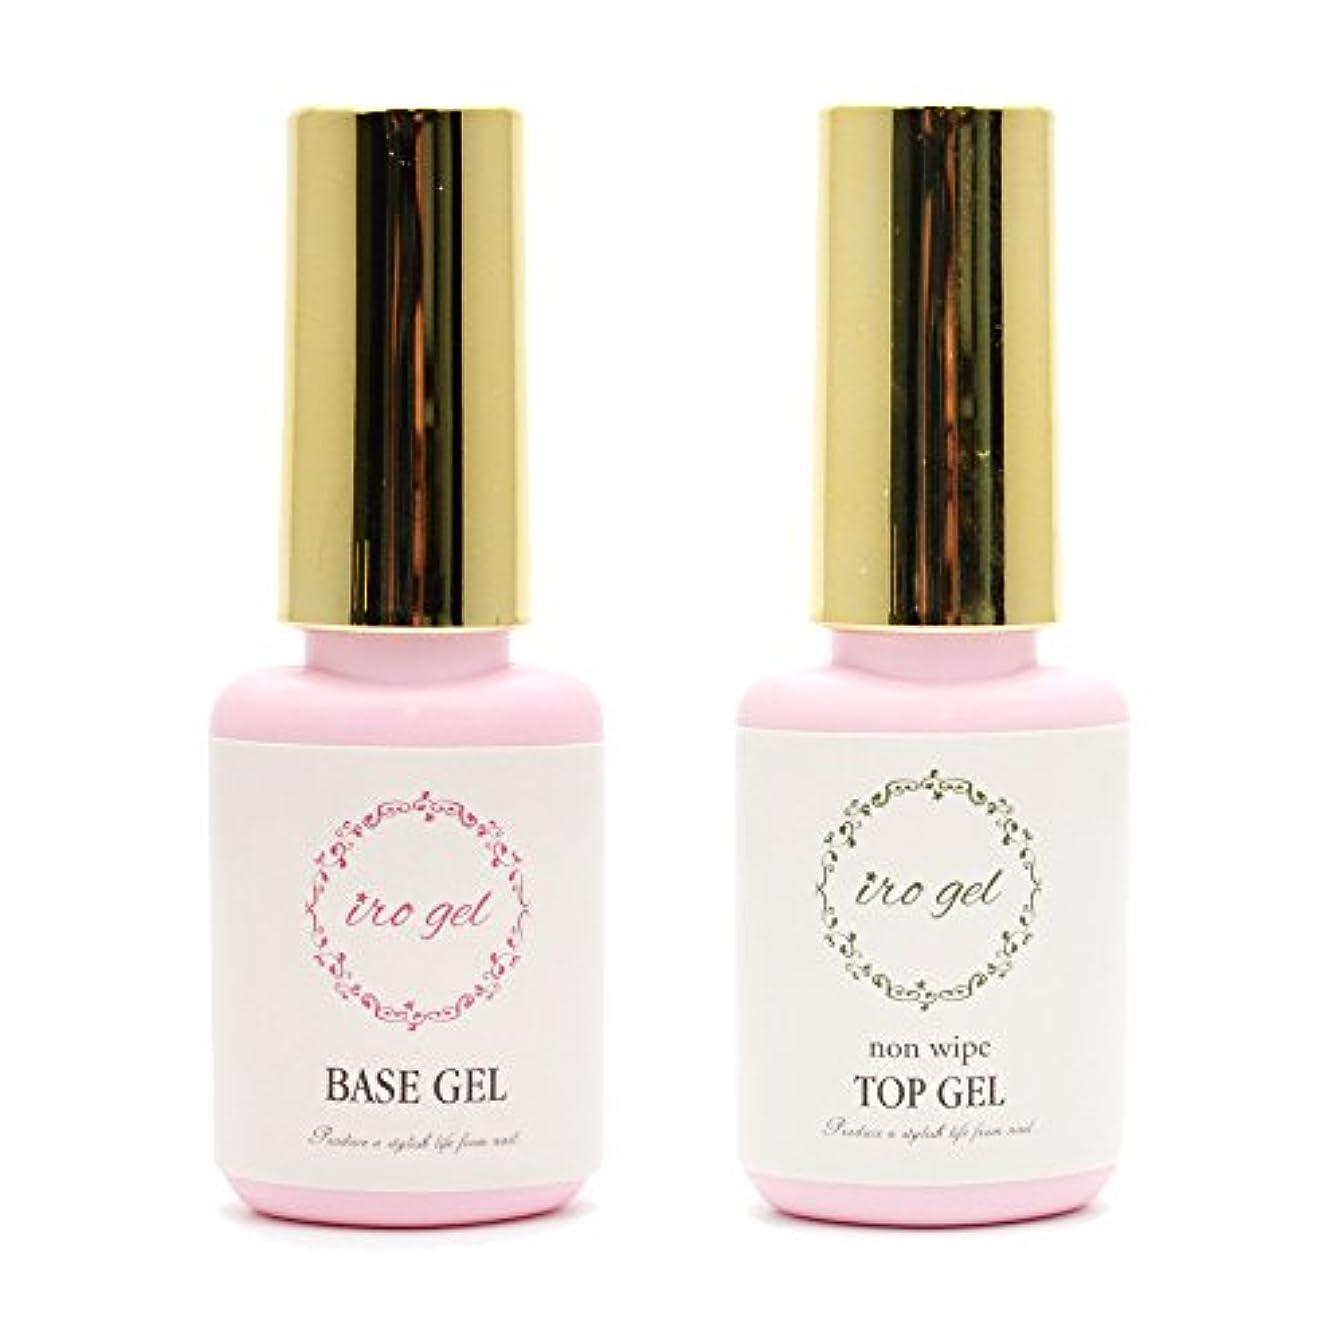 不規則性舌な輸送iro gel (イロジェル) ジェルネイル UV LED 対応 ベースコート & トップコート セット 10ml [ 拭き取り不要 ノンワイプ ]